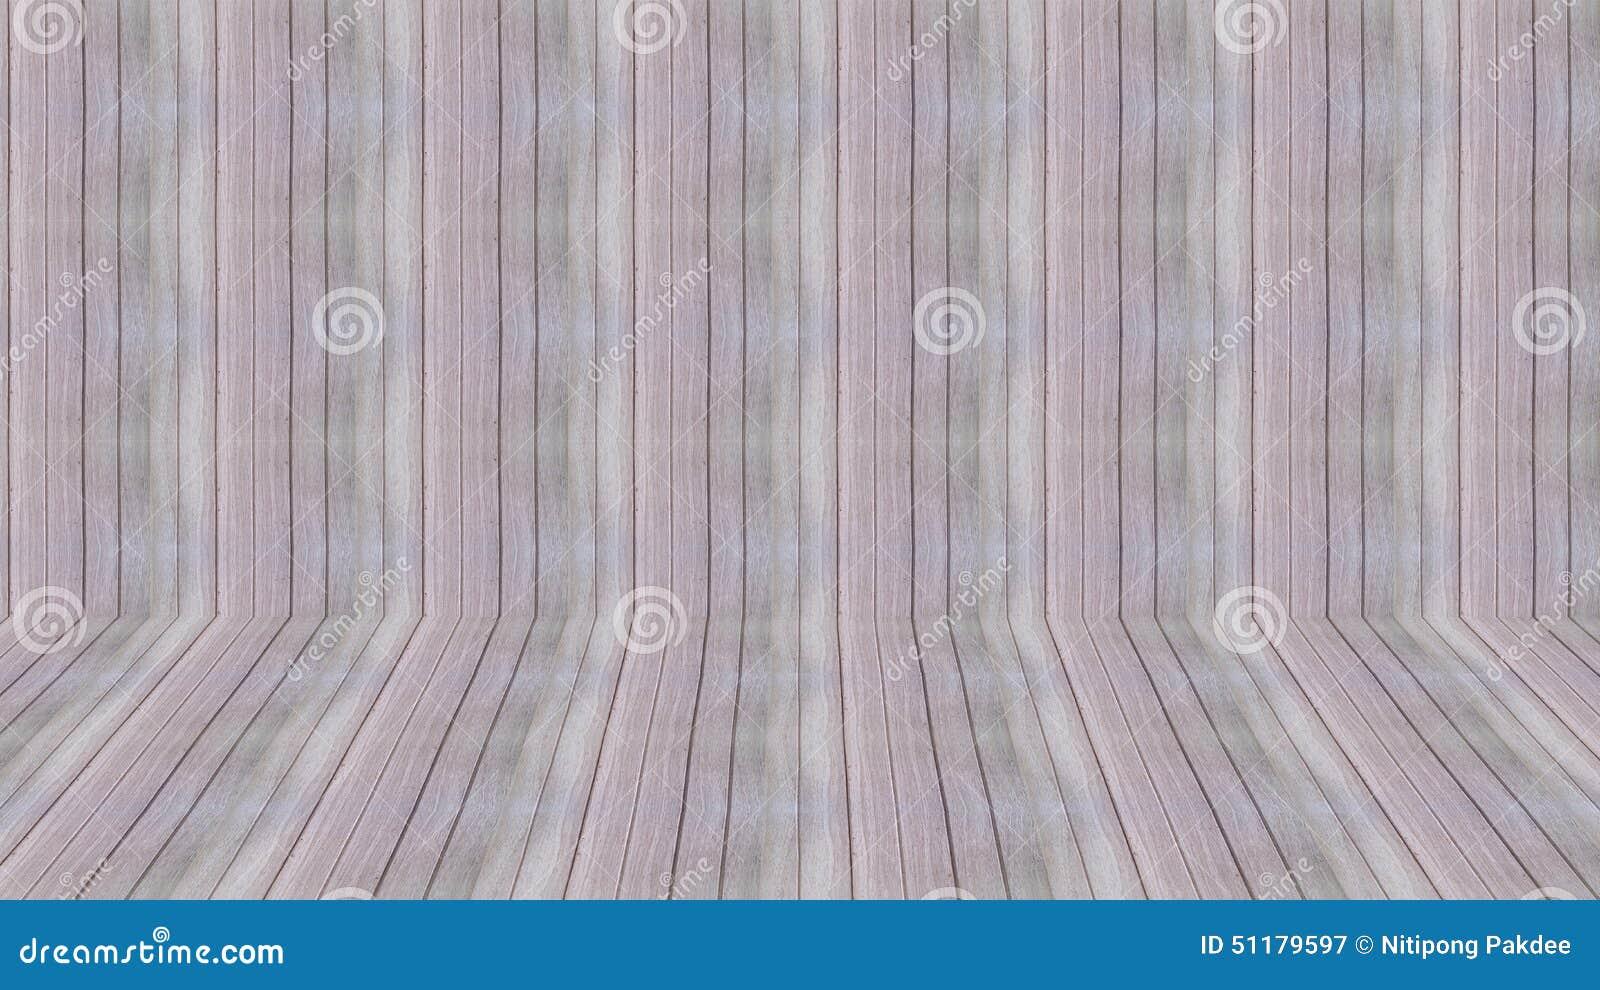 Perspective Wood Wall Floor Room Wooden Design Wallpapers